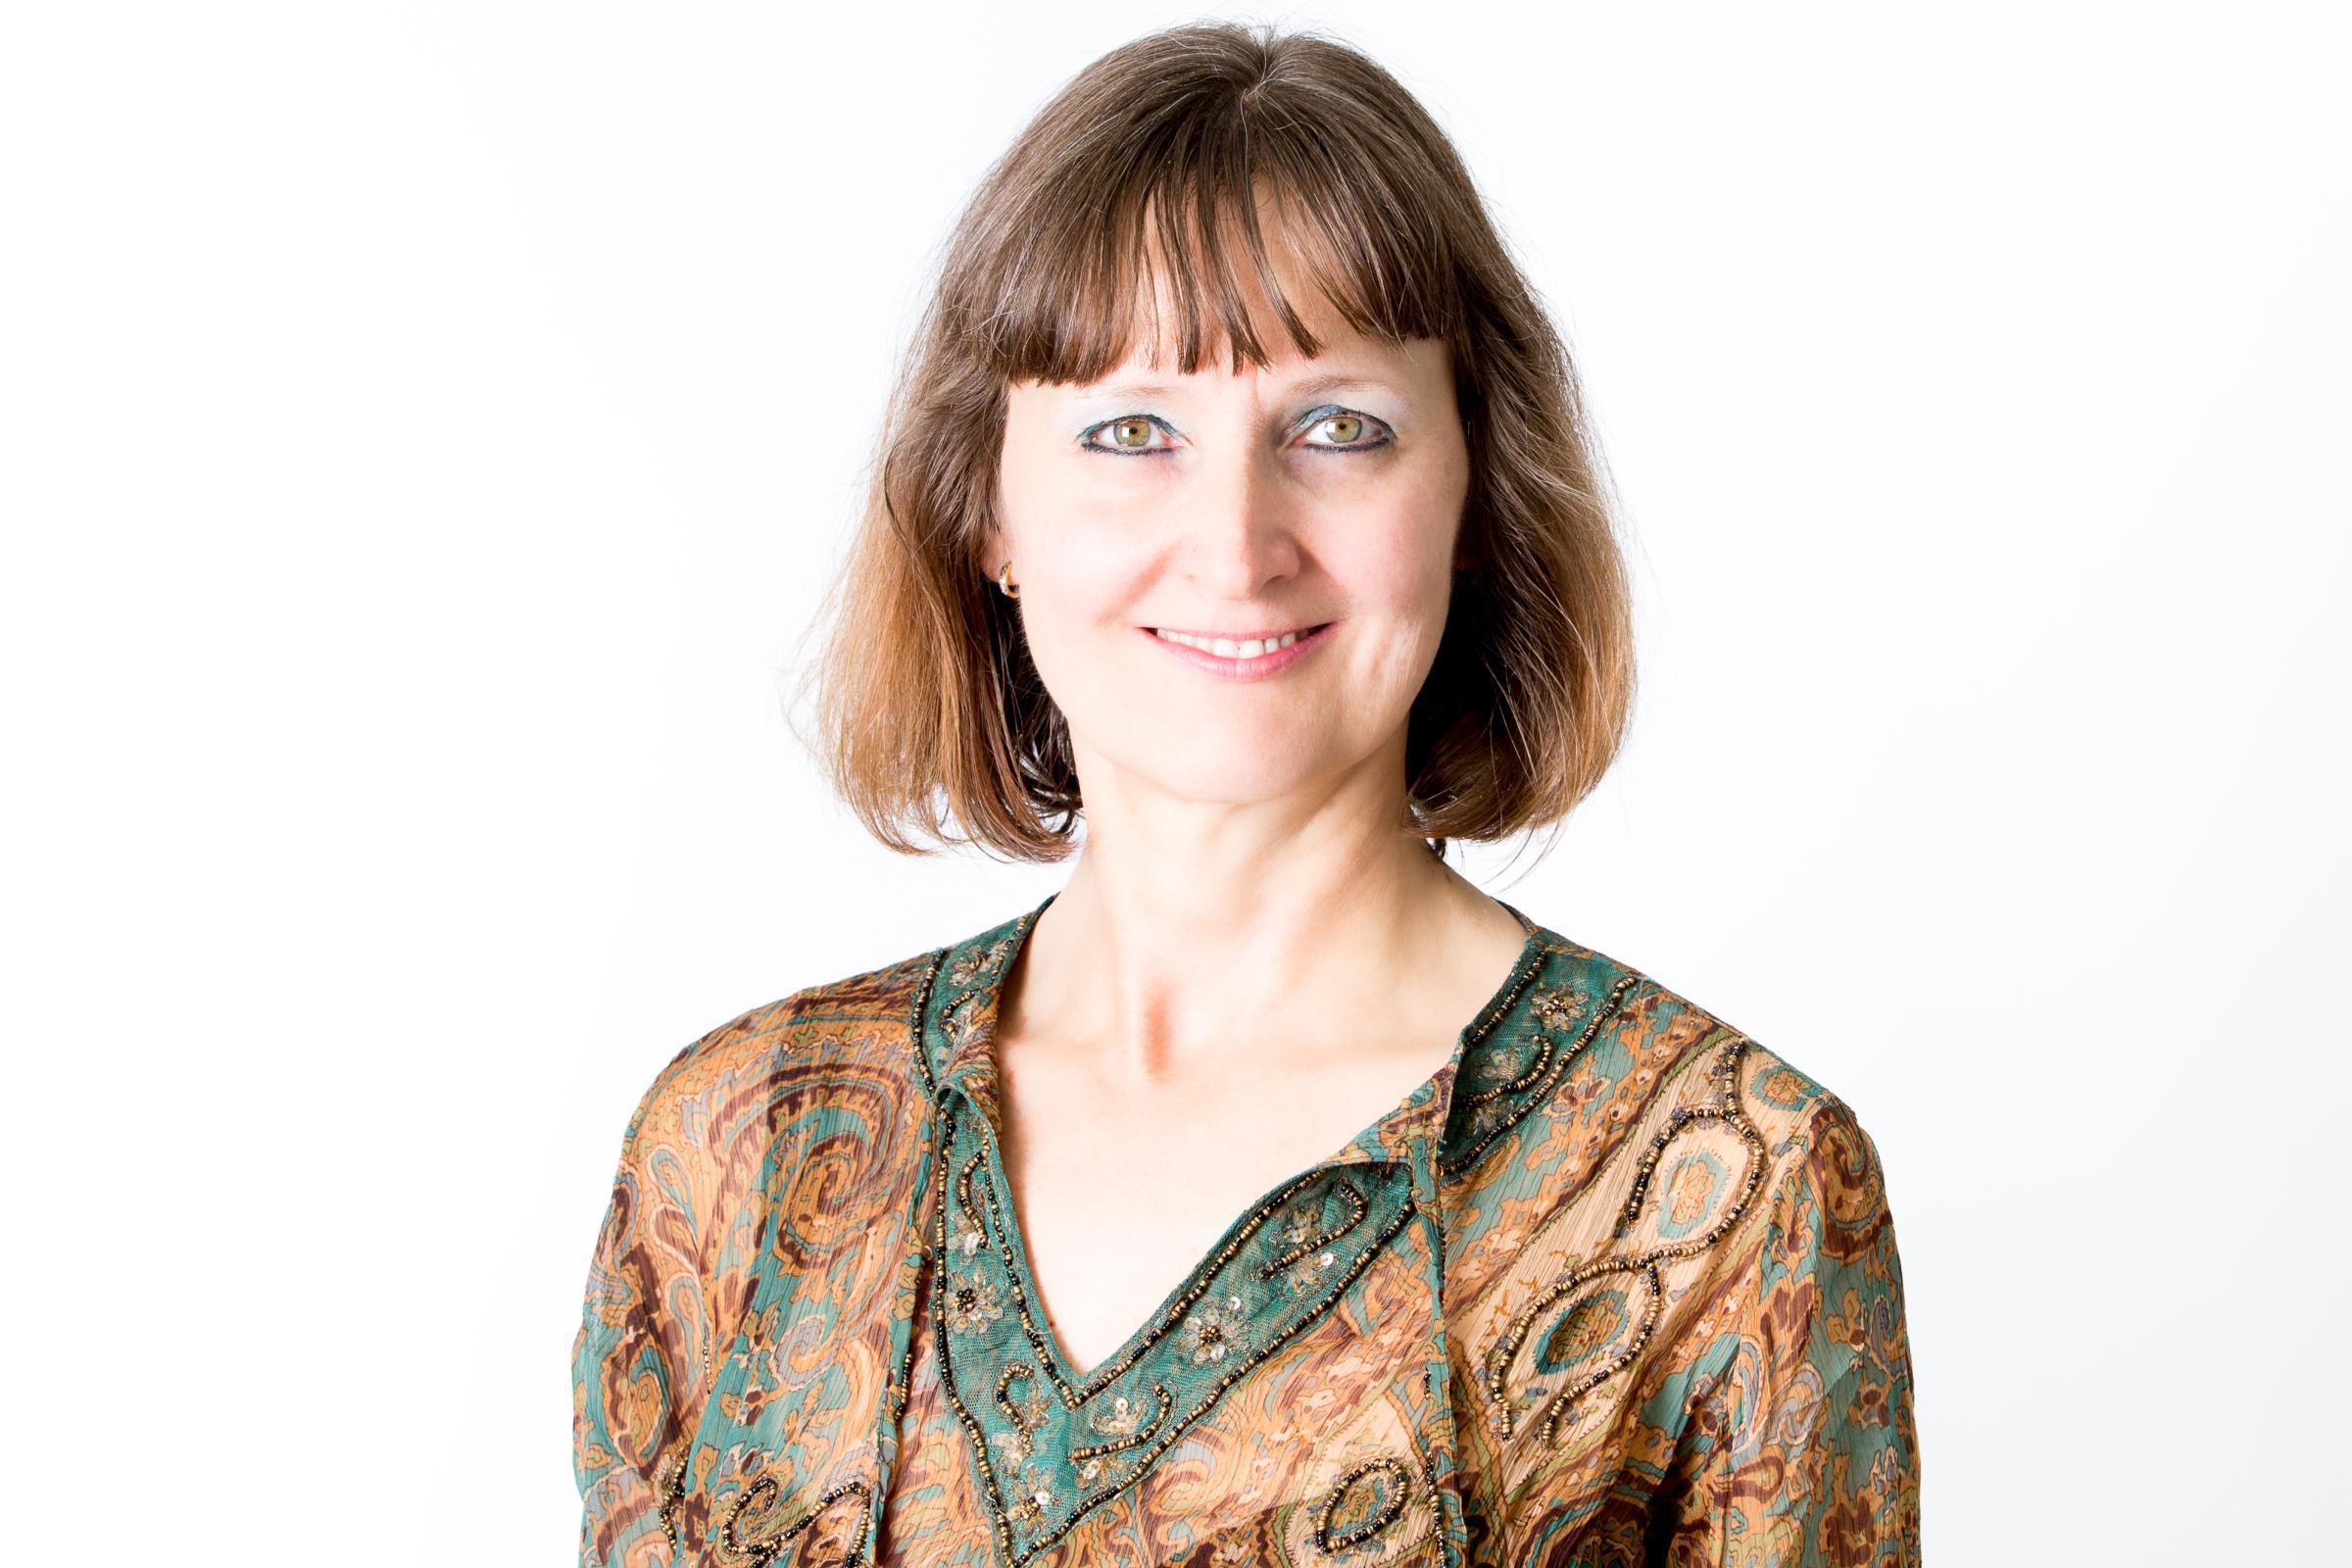 Christine Kouba